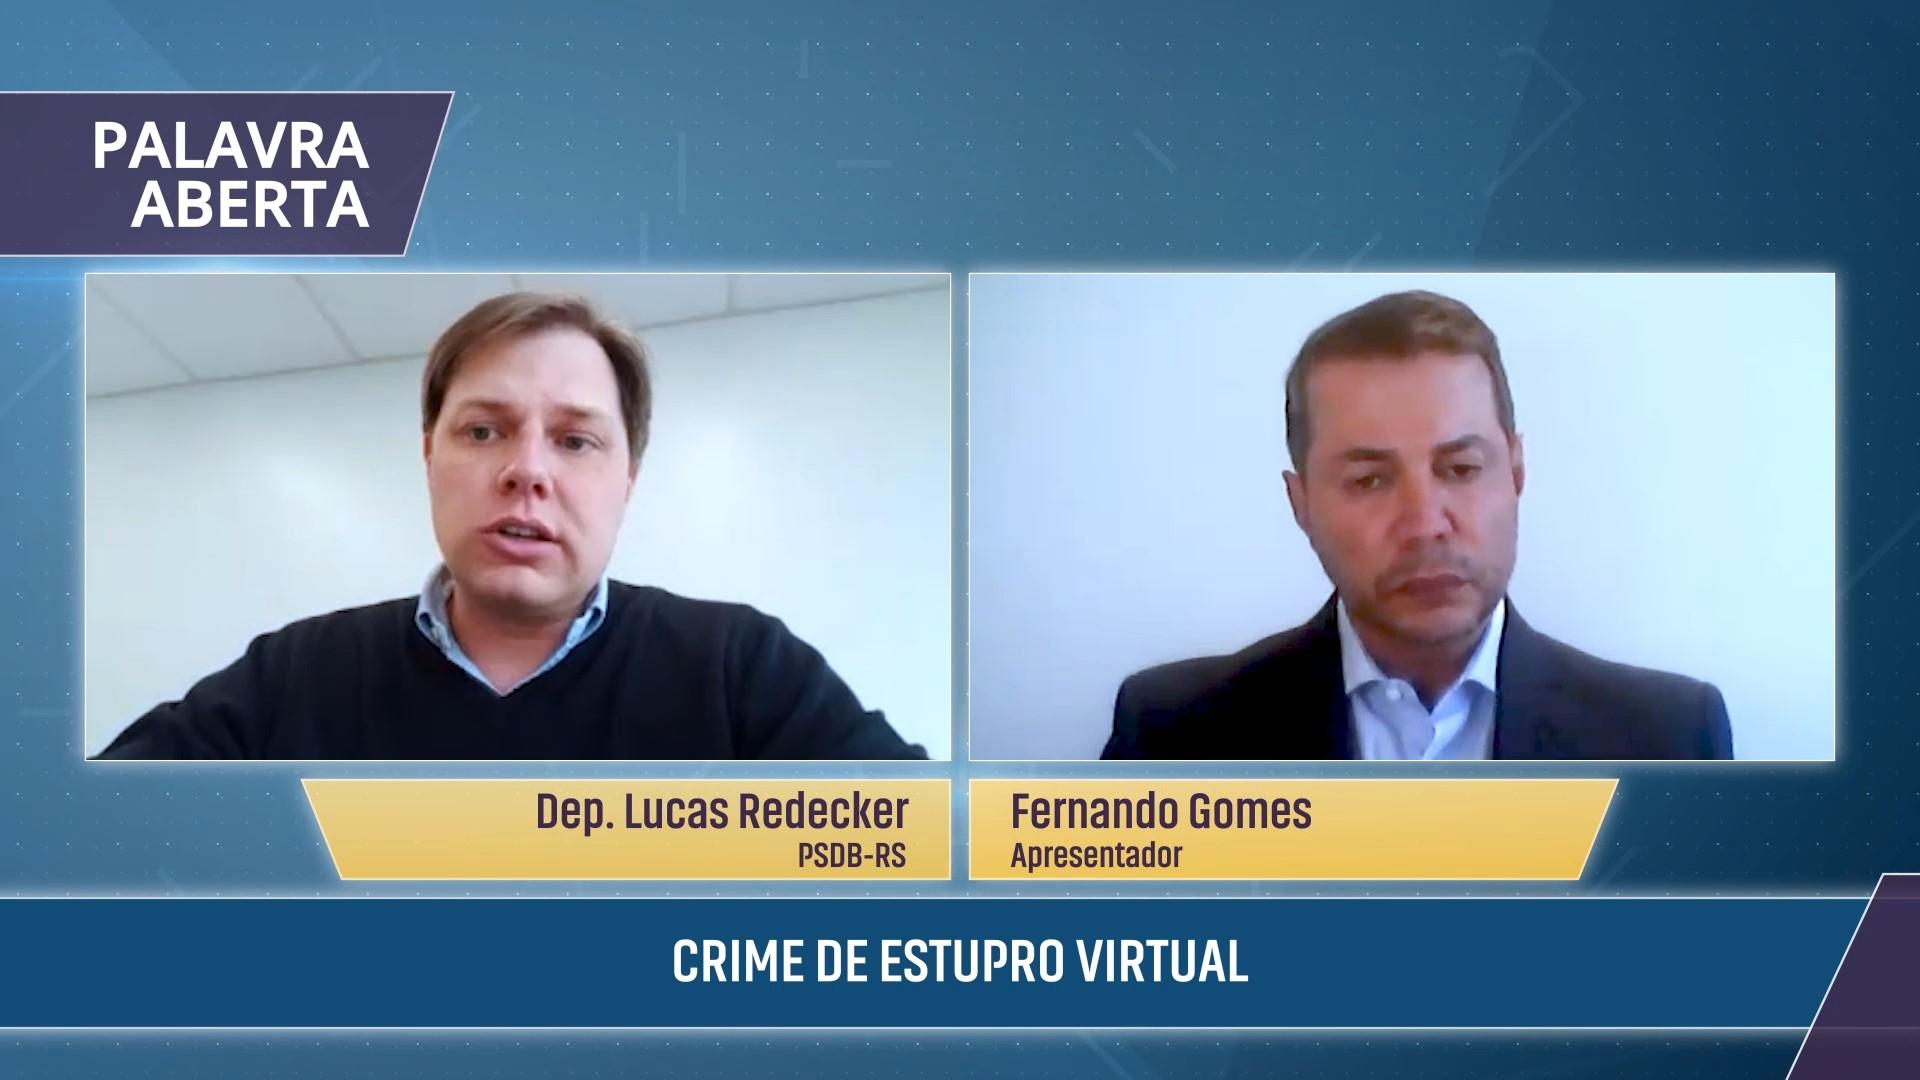 Crime de estupro virtual